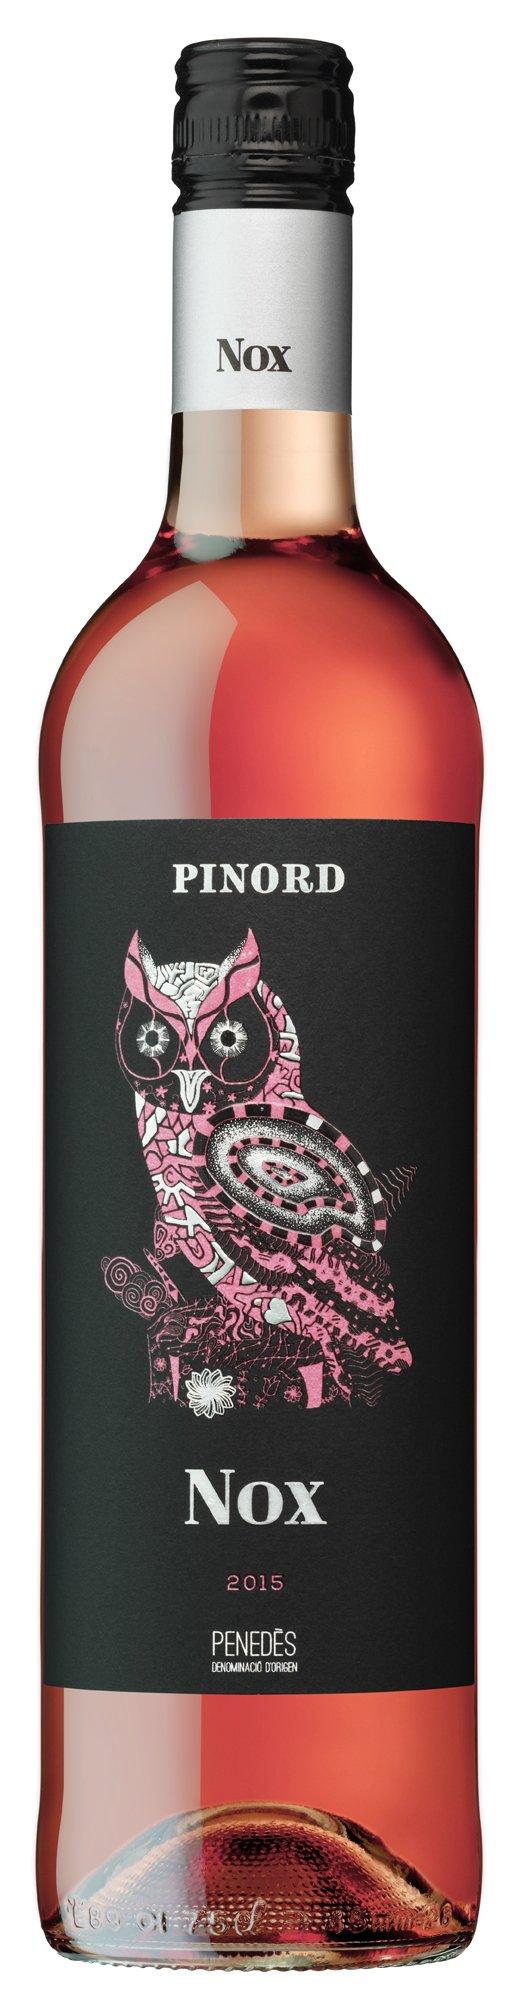 Pinord Nox Vino Rosado - 750 ml - [paquete de 3]